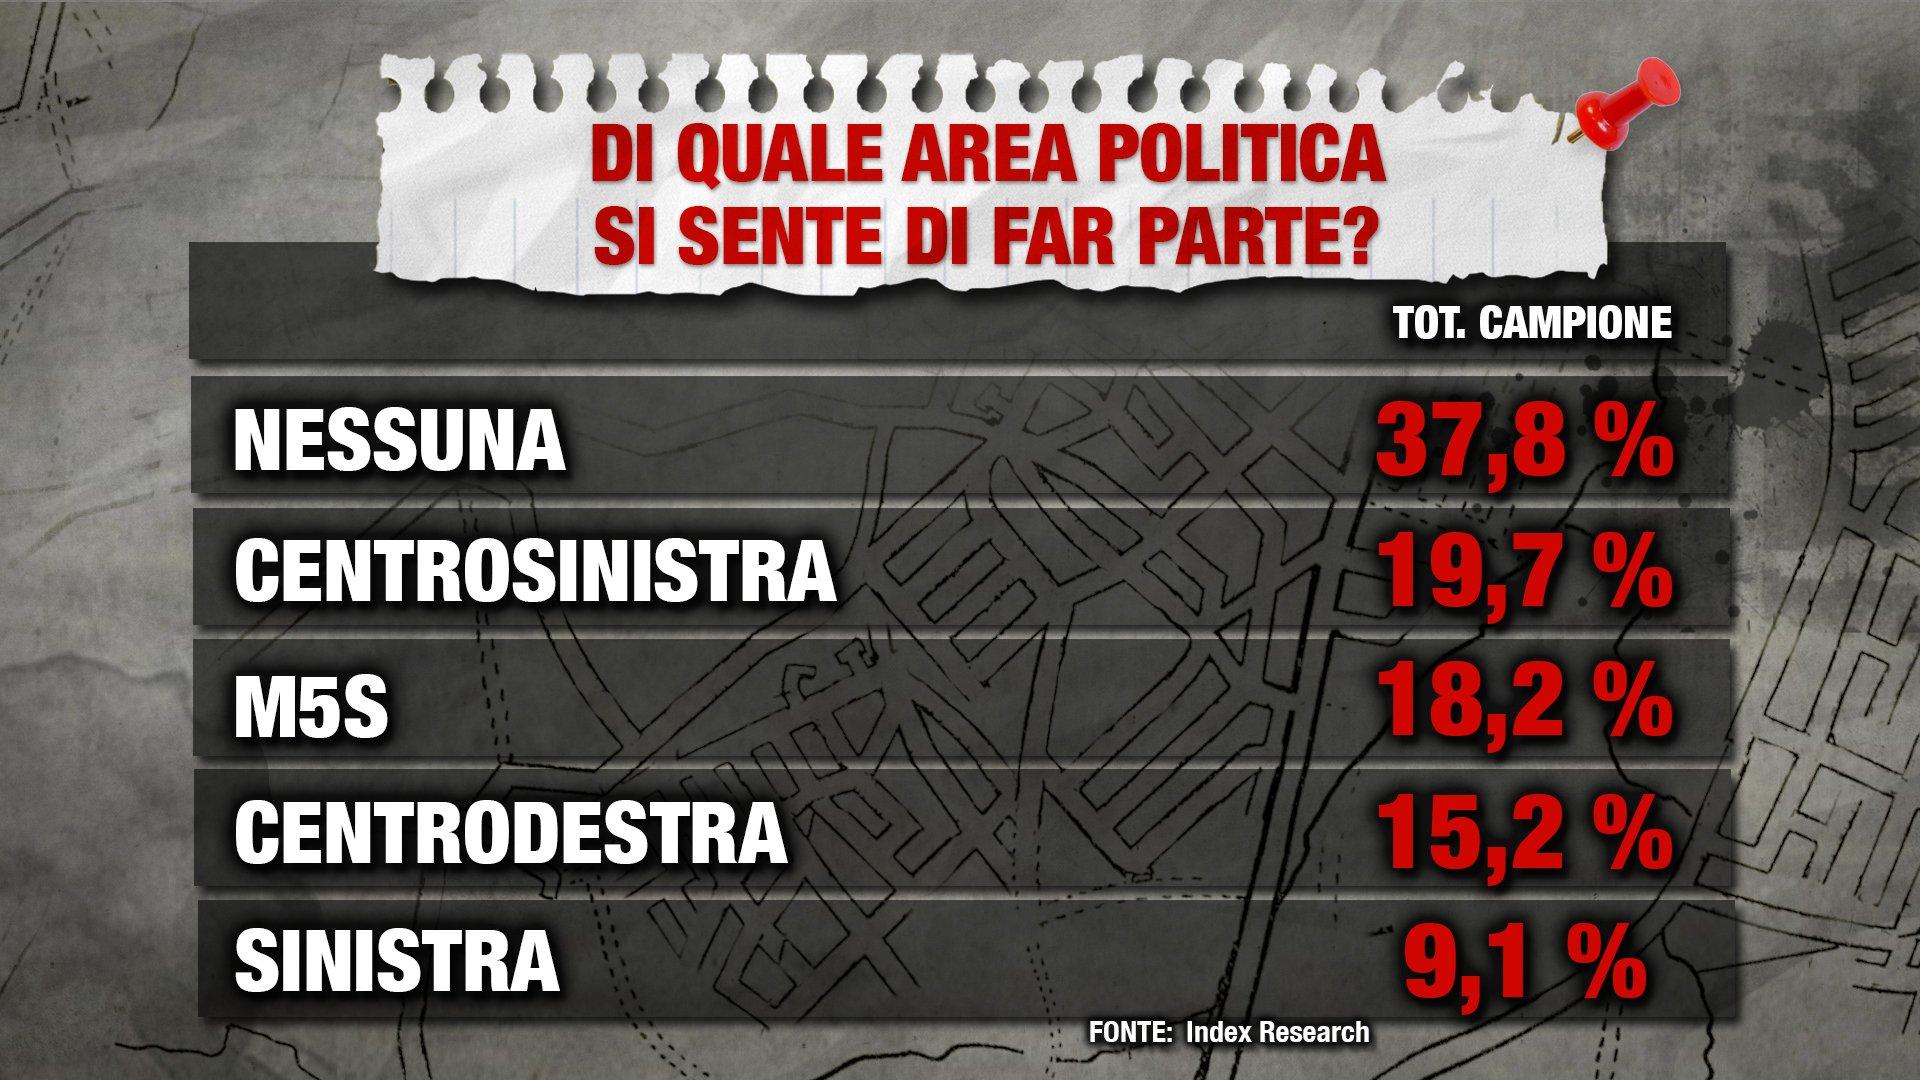 Sondaggio Index Research: gli italiani non si sentono più di destra o di sinistra